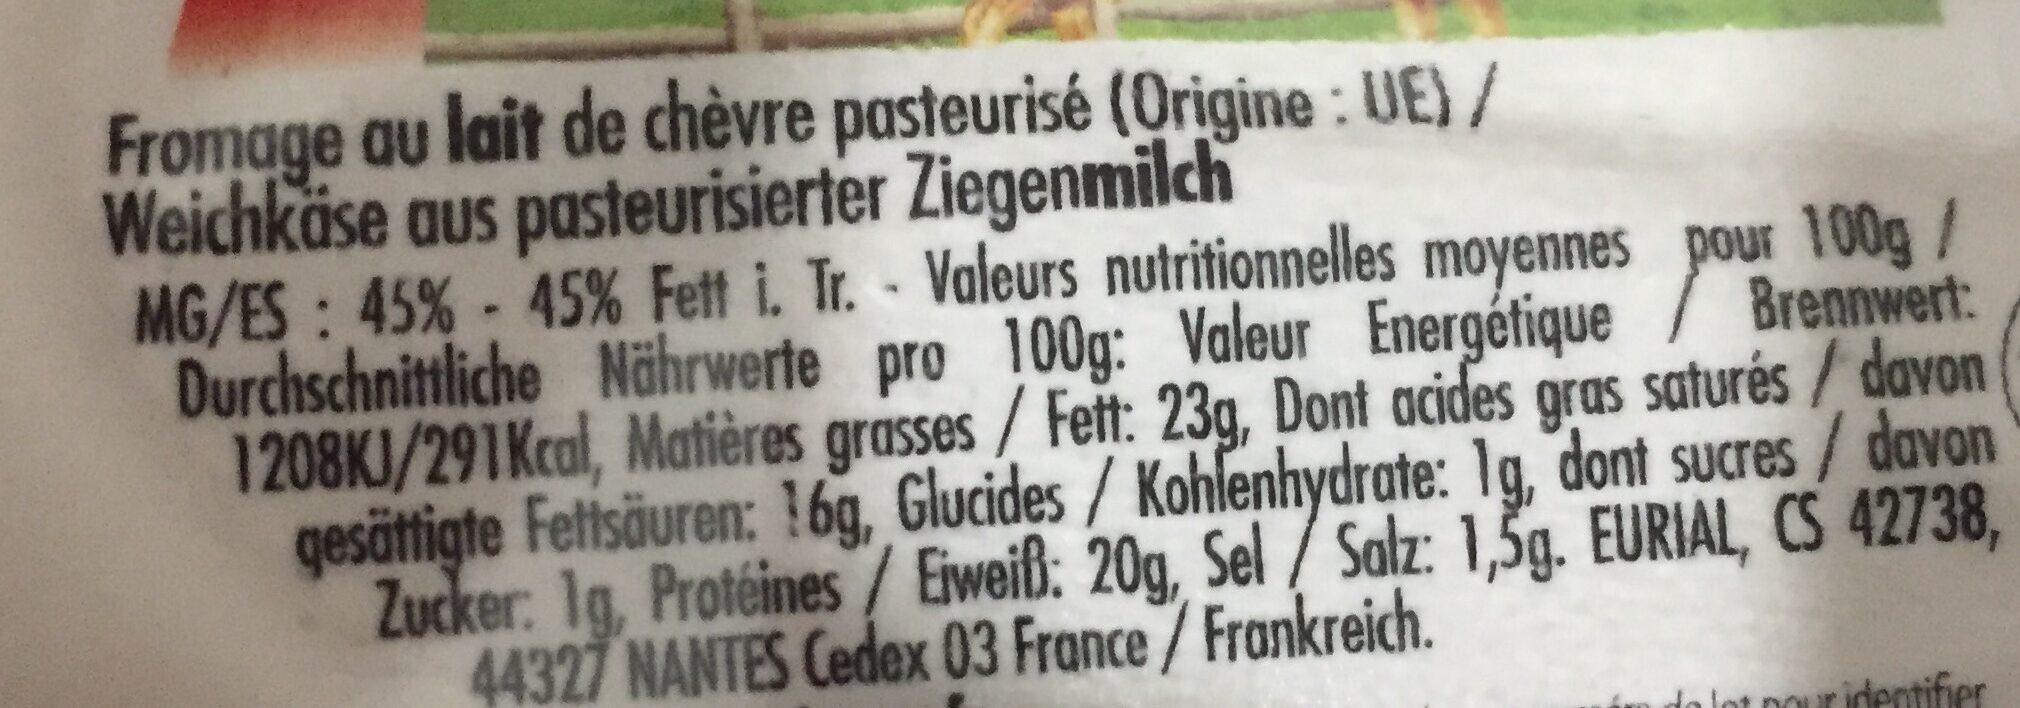 Buche de chèvre affinée - Ingrediënten - fr